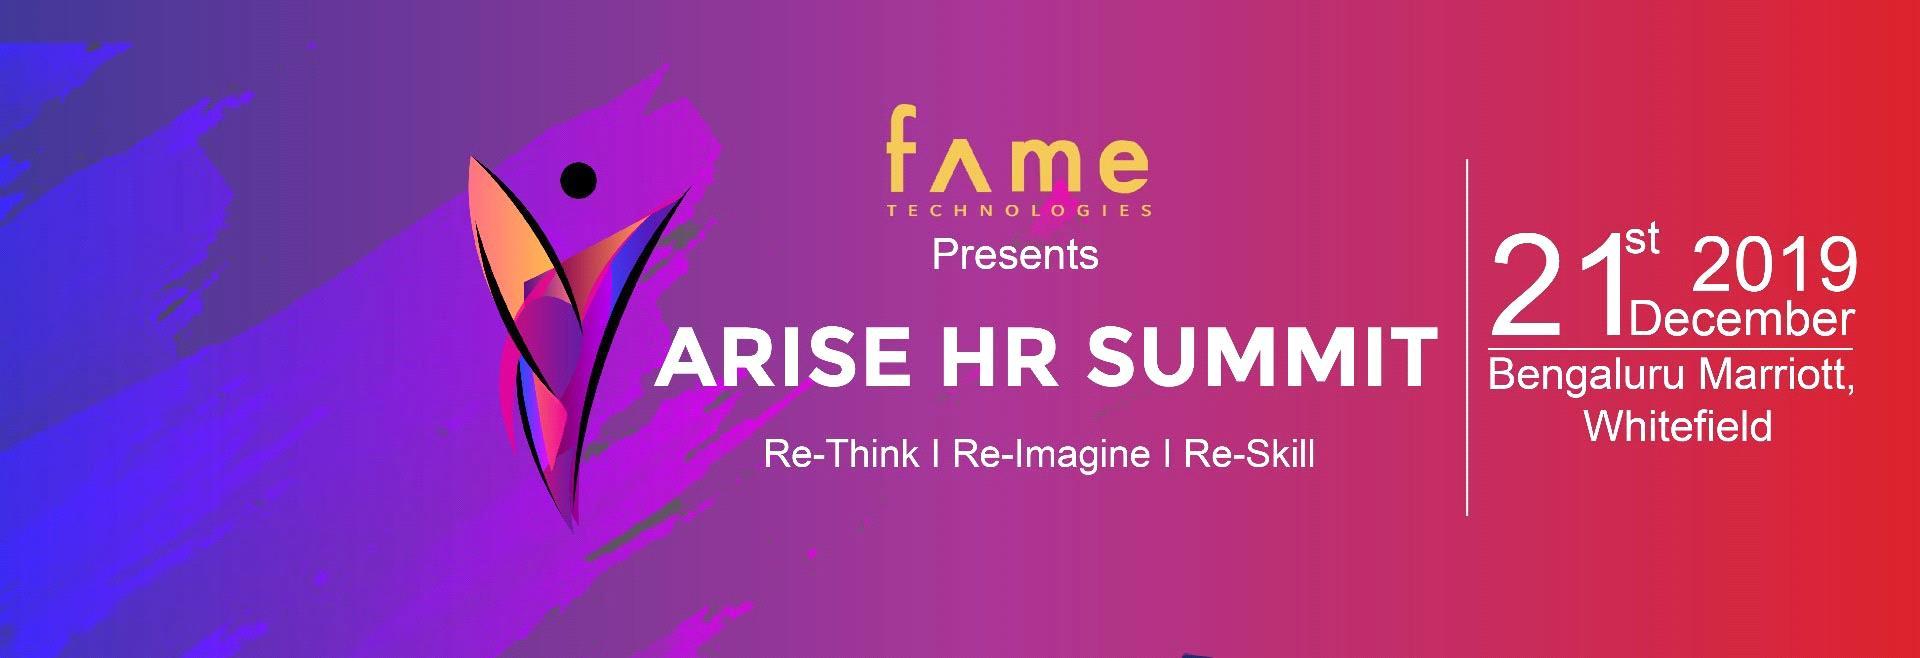 ARISE HR SUMMIT 2K19